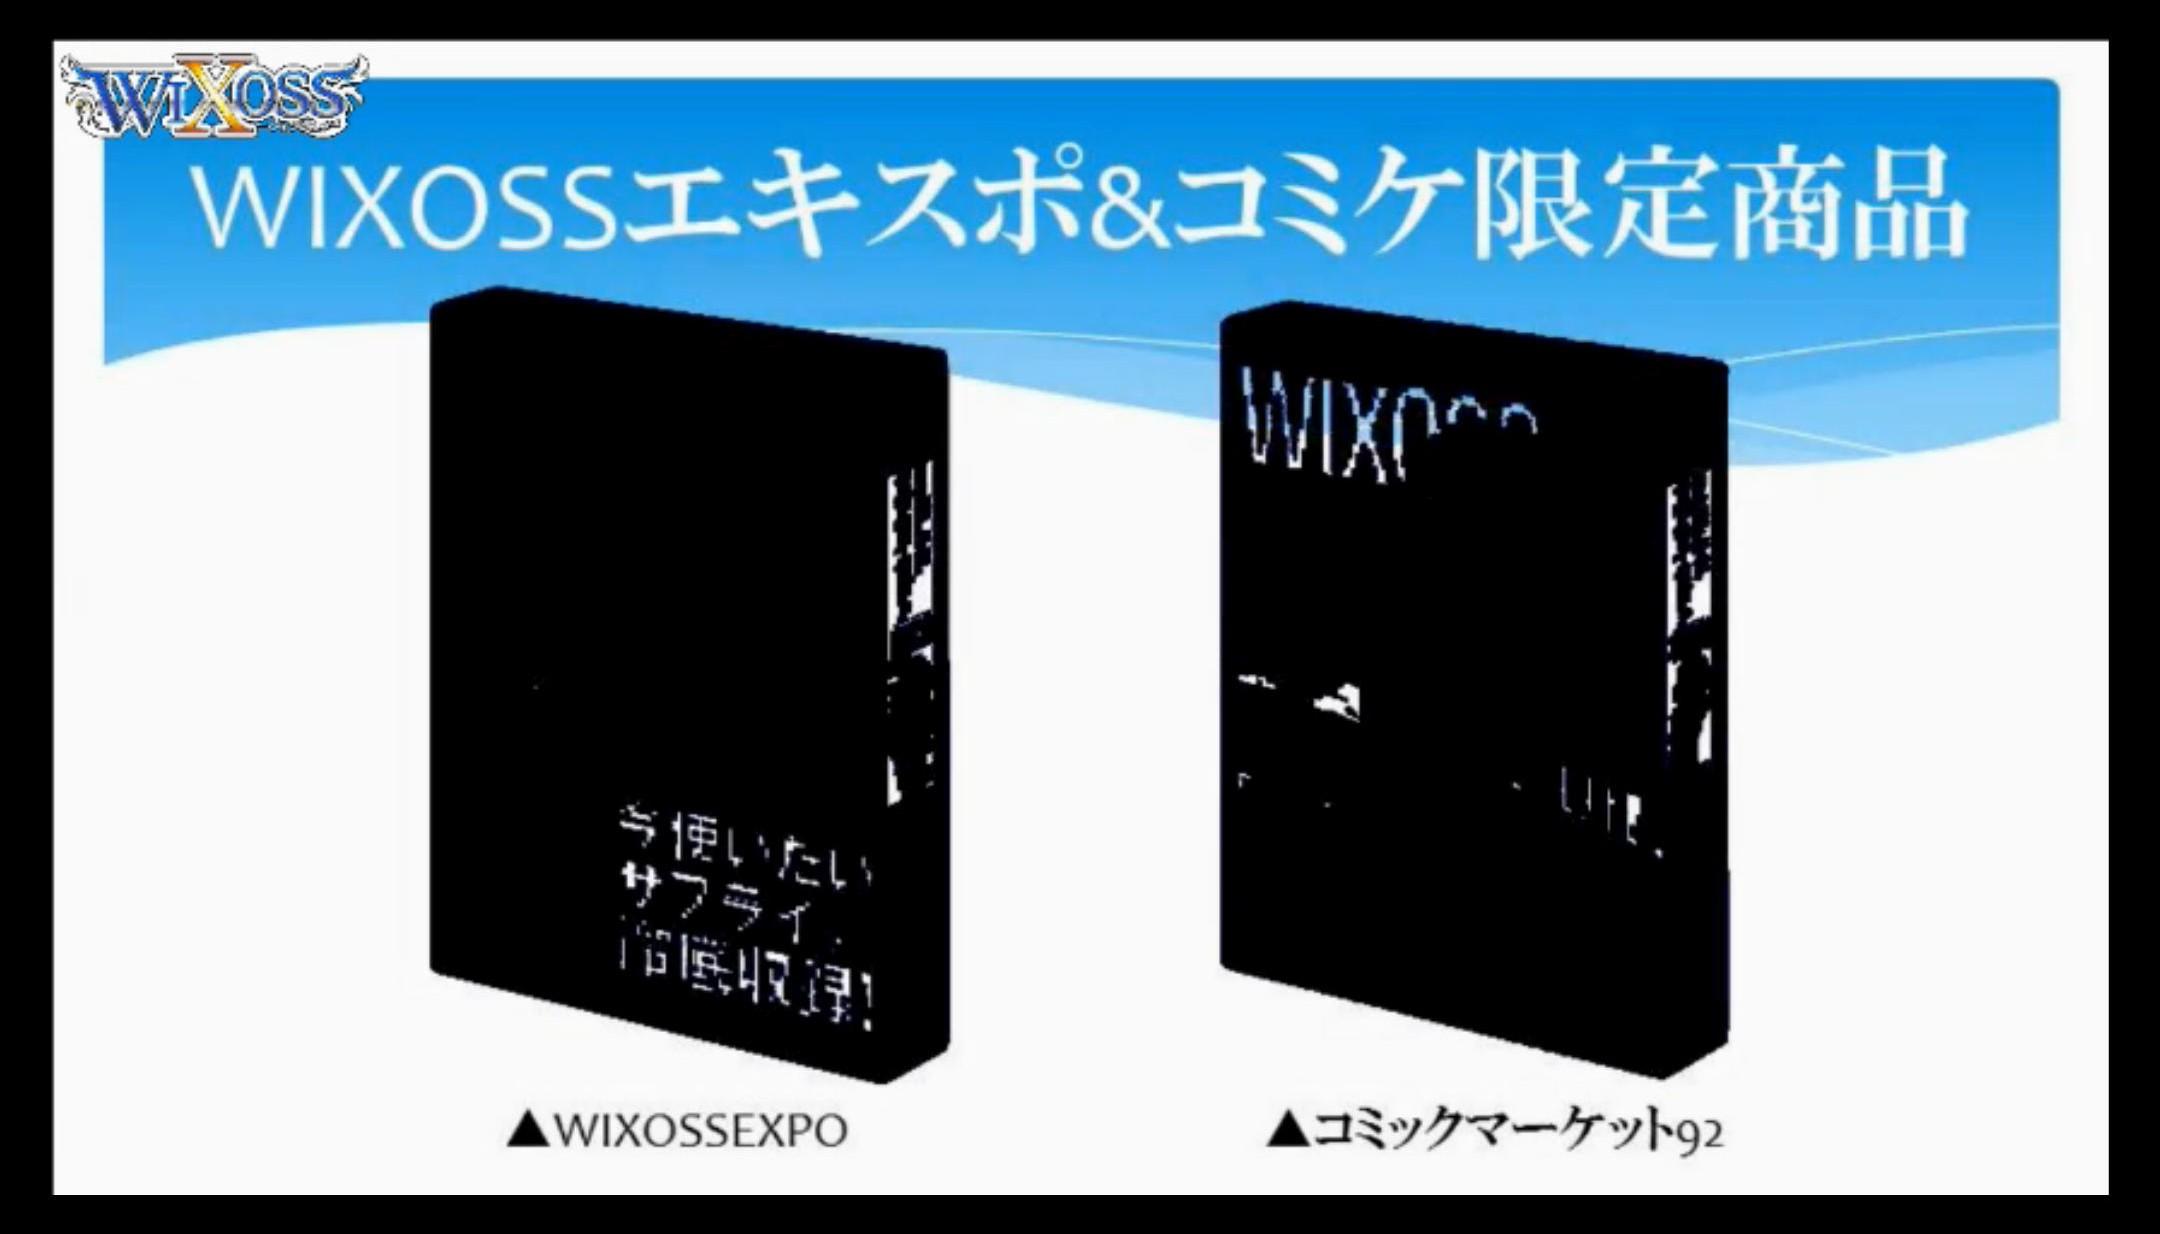 wx-live-170629-024.jpg